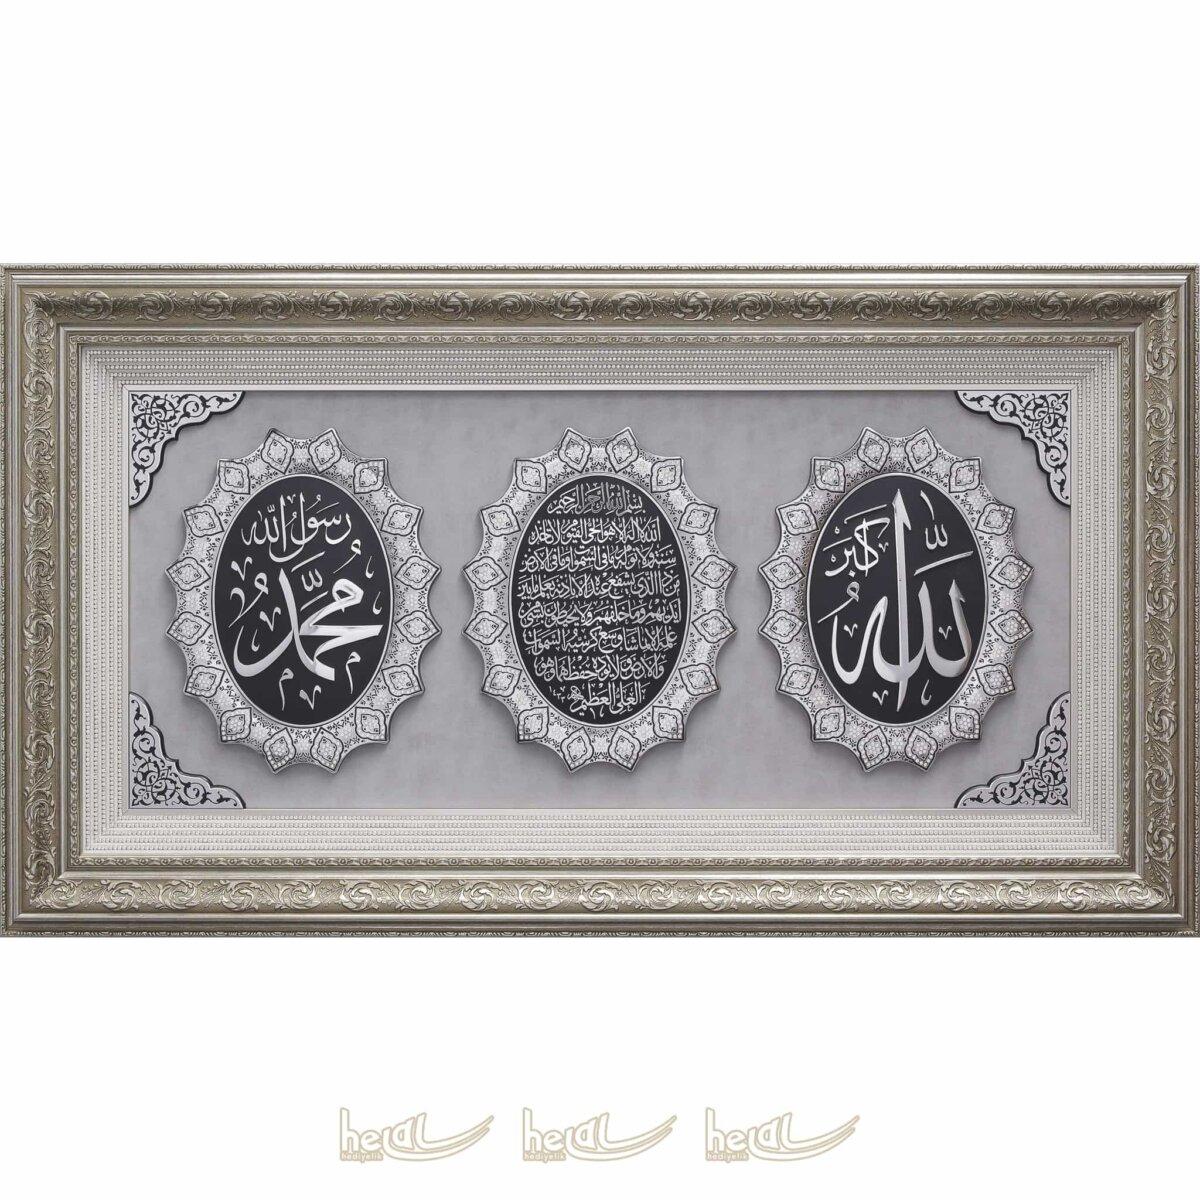 66x118cm Allah cc. – Muhammed sav. Lafzı ve Ayetel Kürsi Paspartusu Taşlı 3′ lü Ayet Çerçeve Tablo Ayetli Tablolar